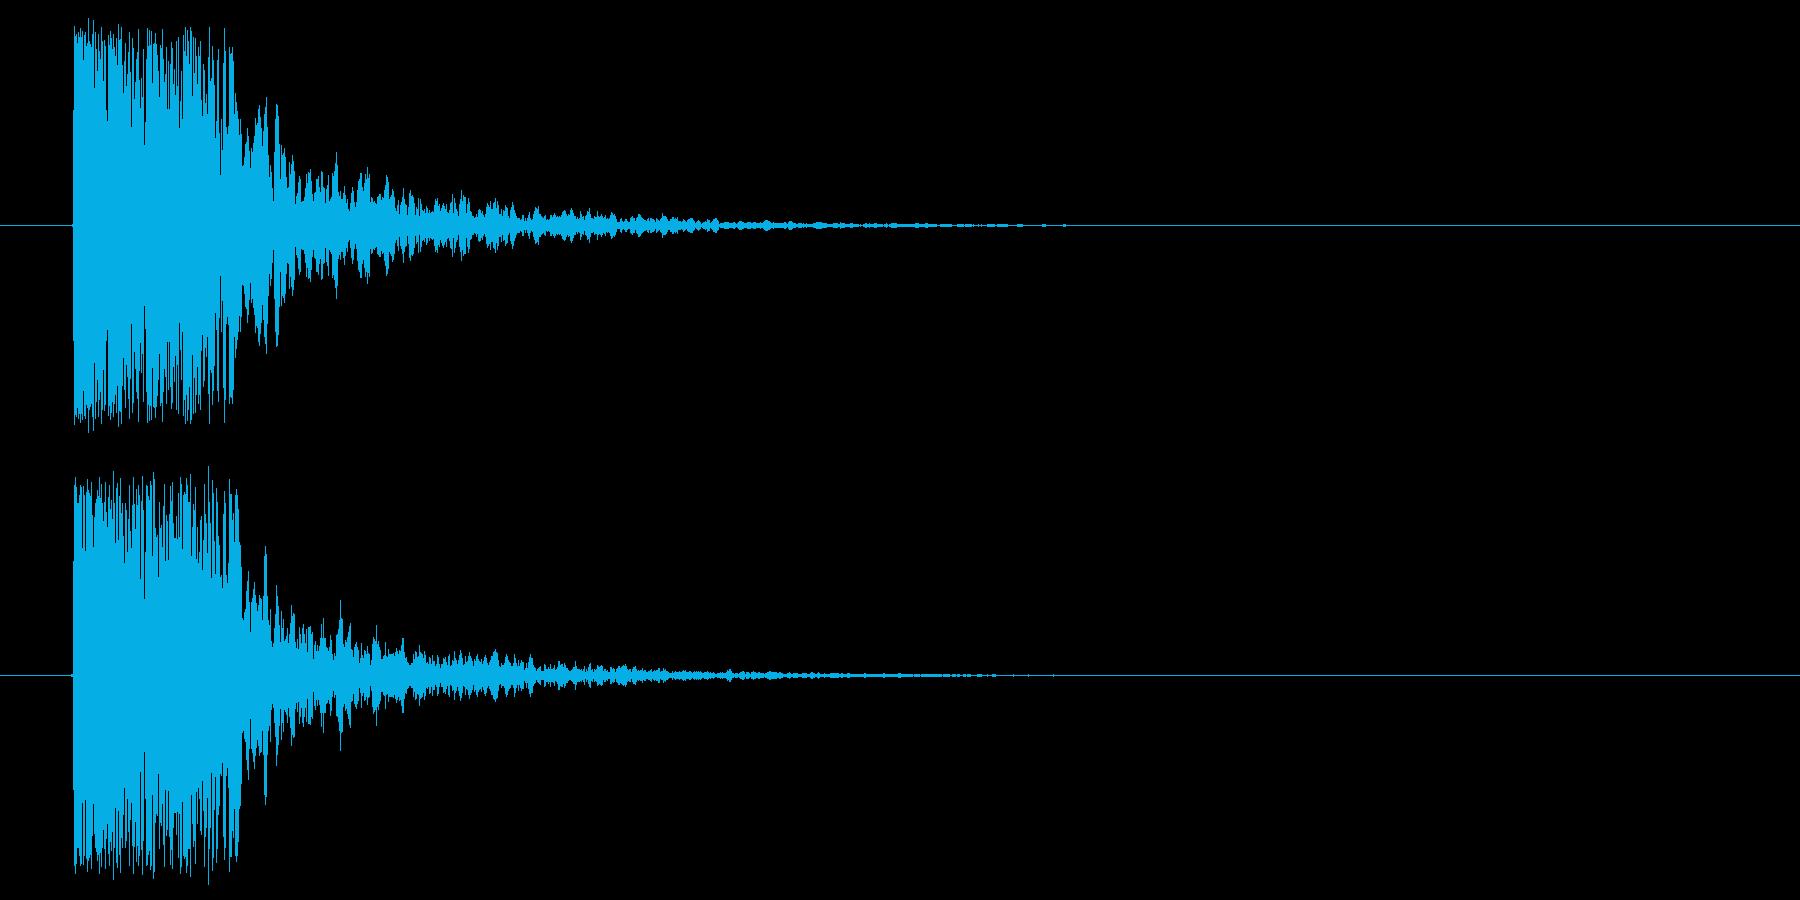 つづみ_和_場面展開の再生済みの波形